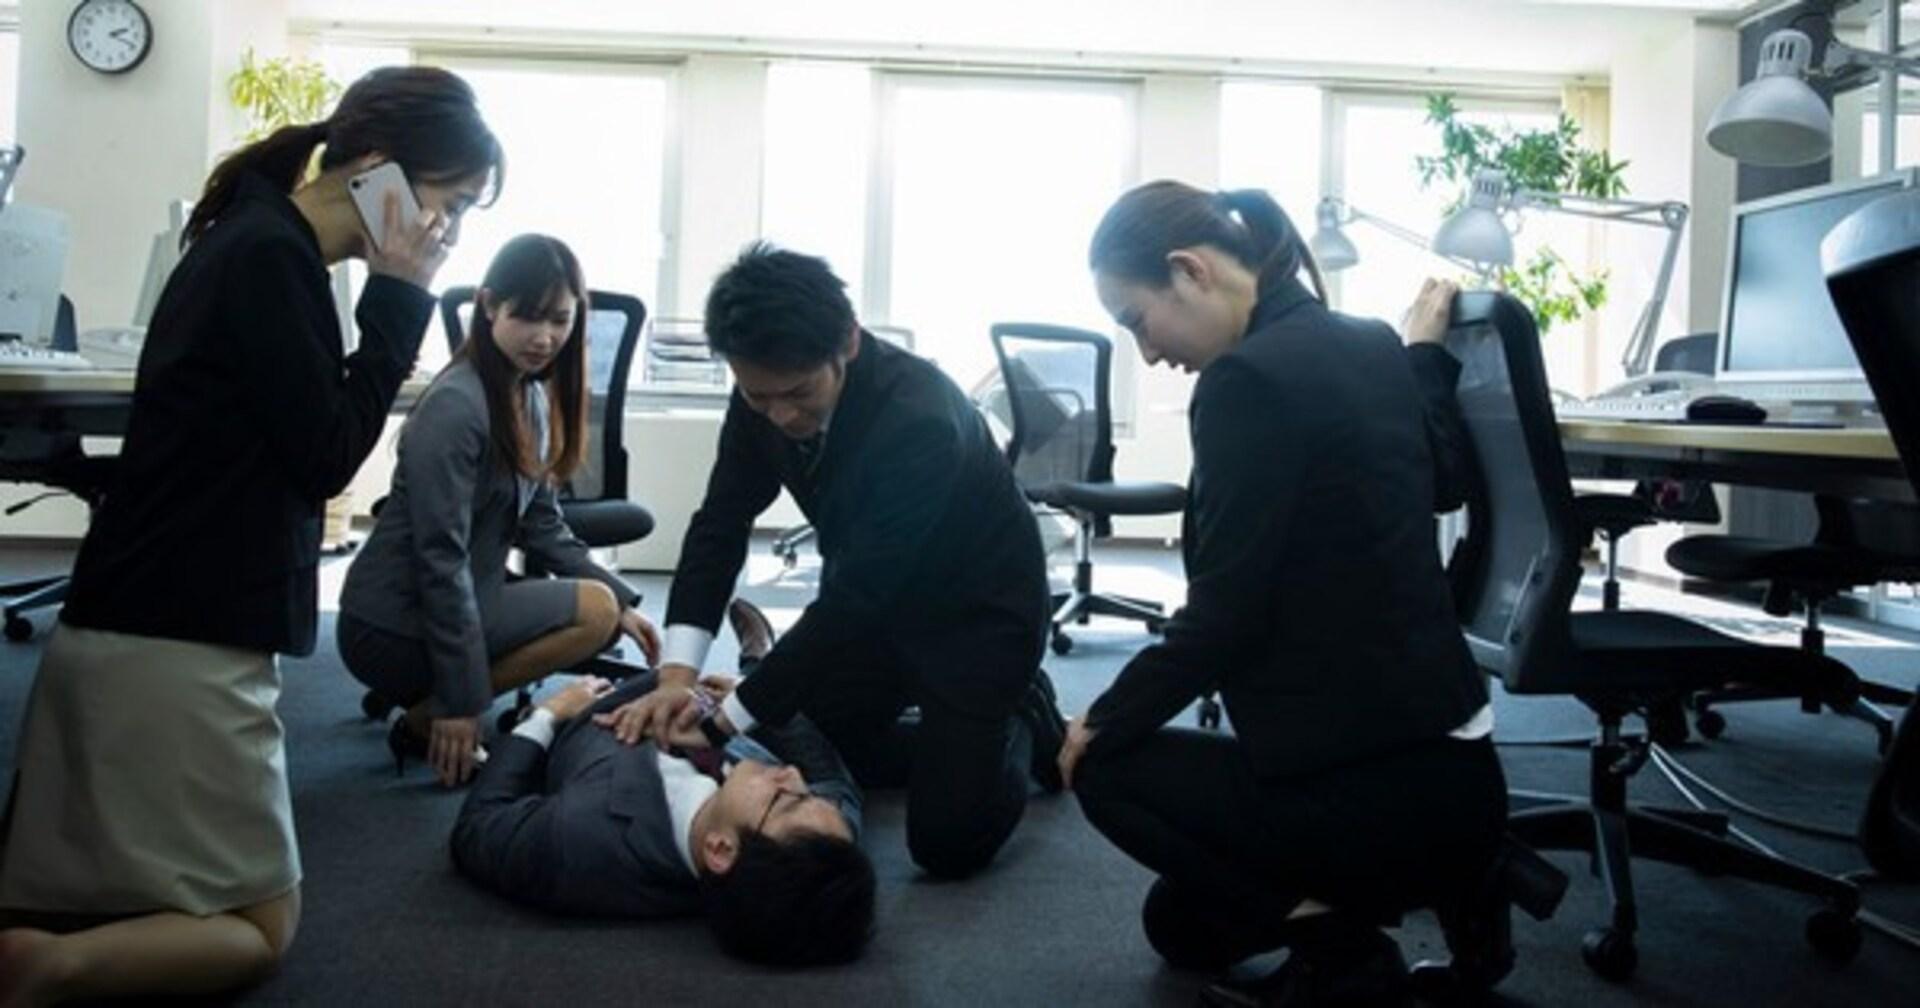 誰かが倒れたとき、叫ぶべき言葉は『誰か救急車を!』ではなく…